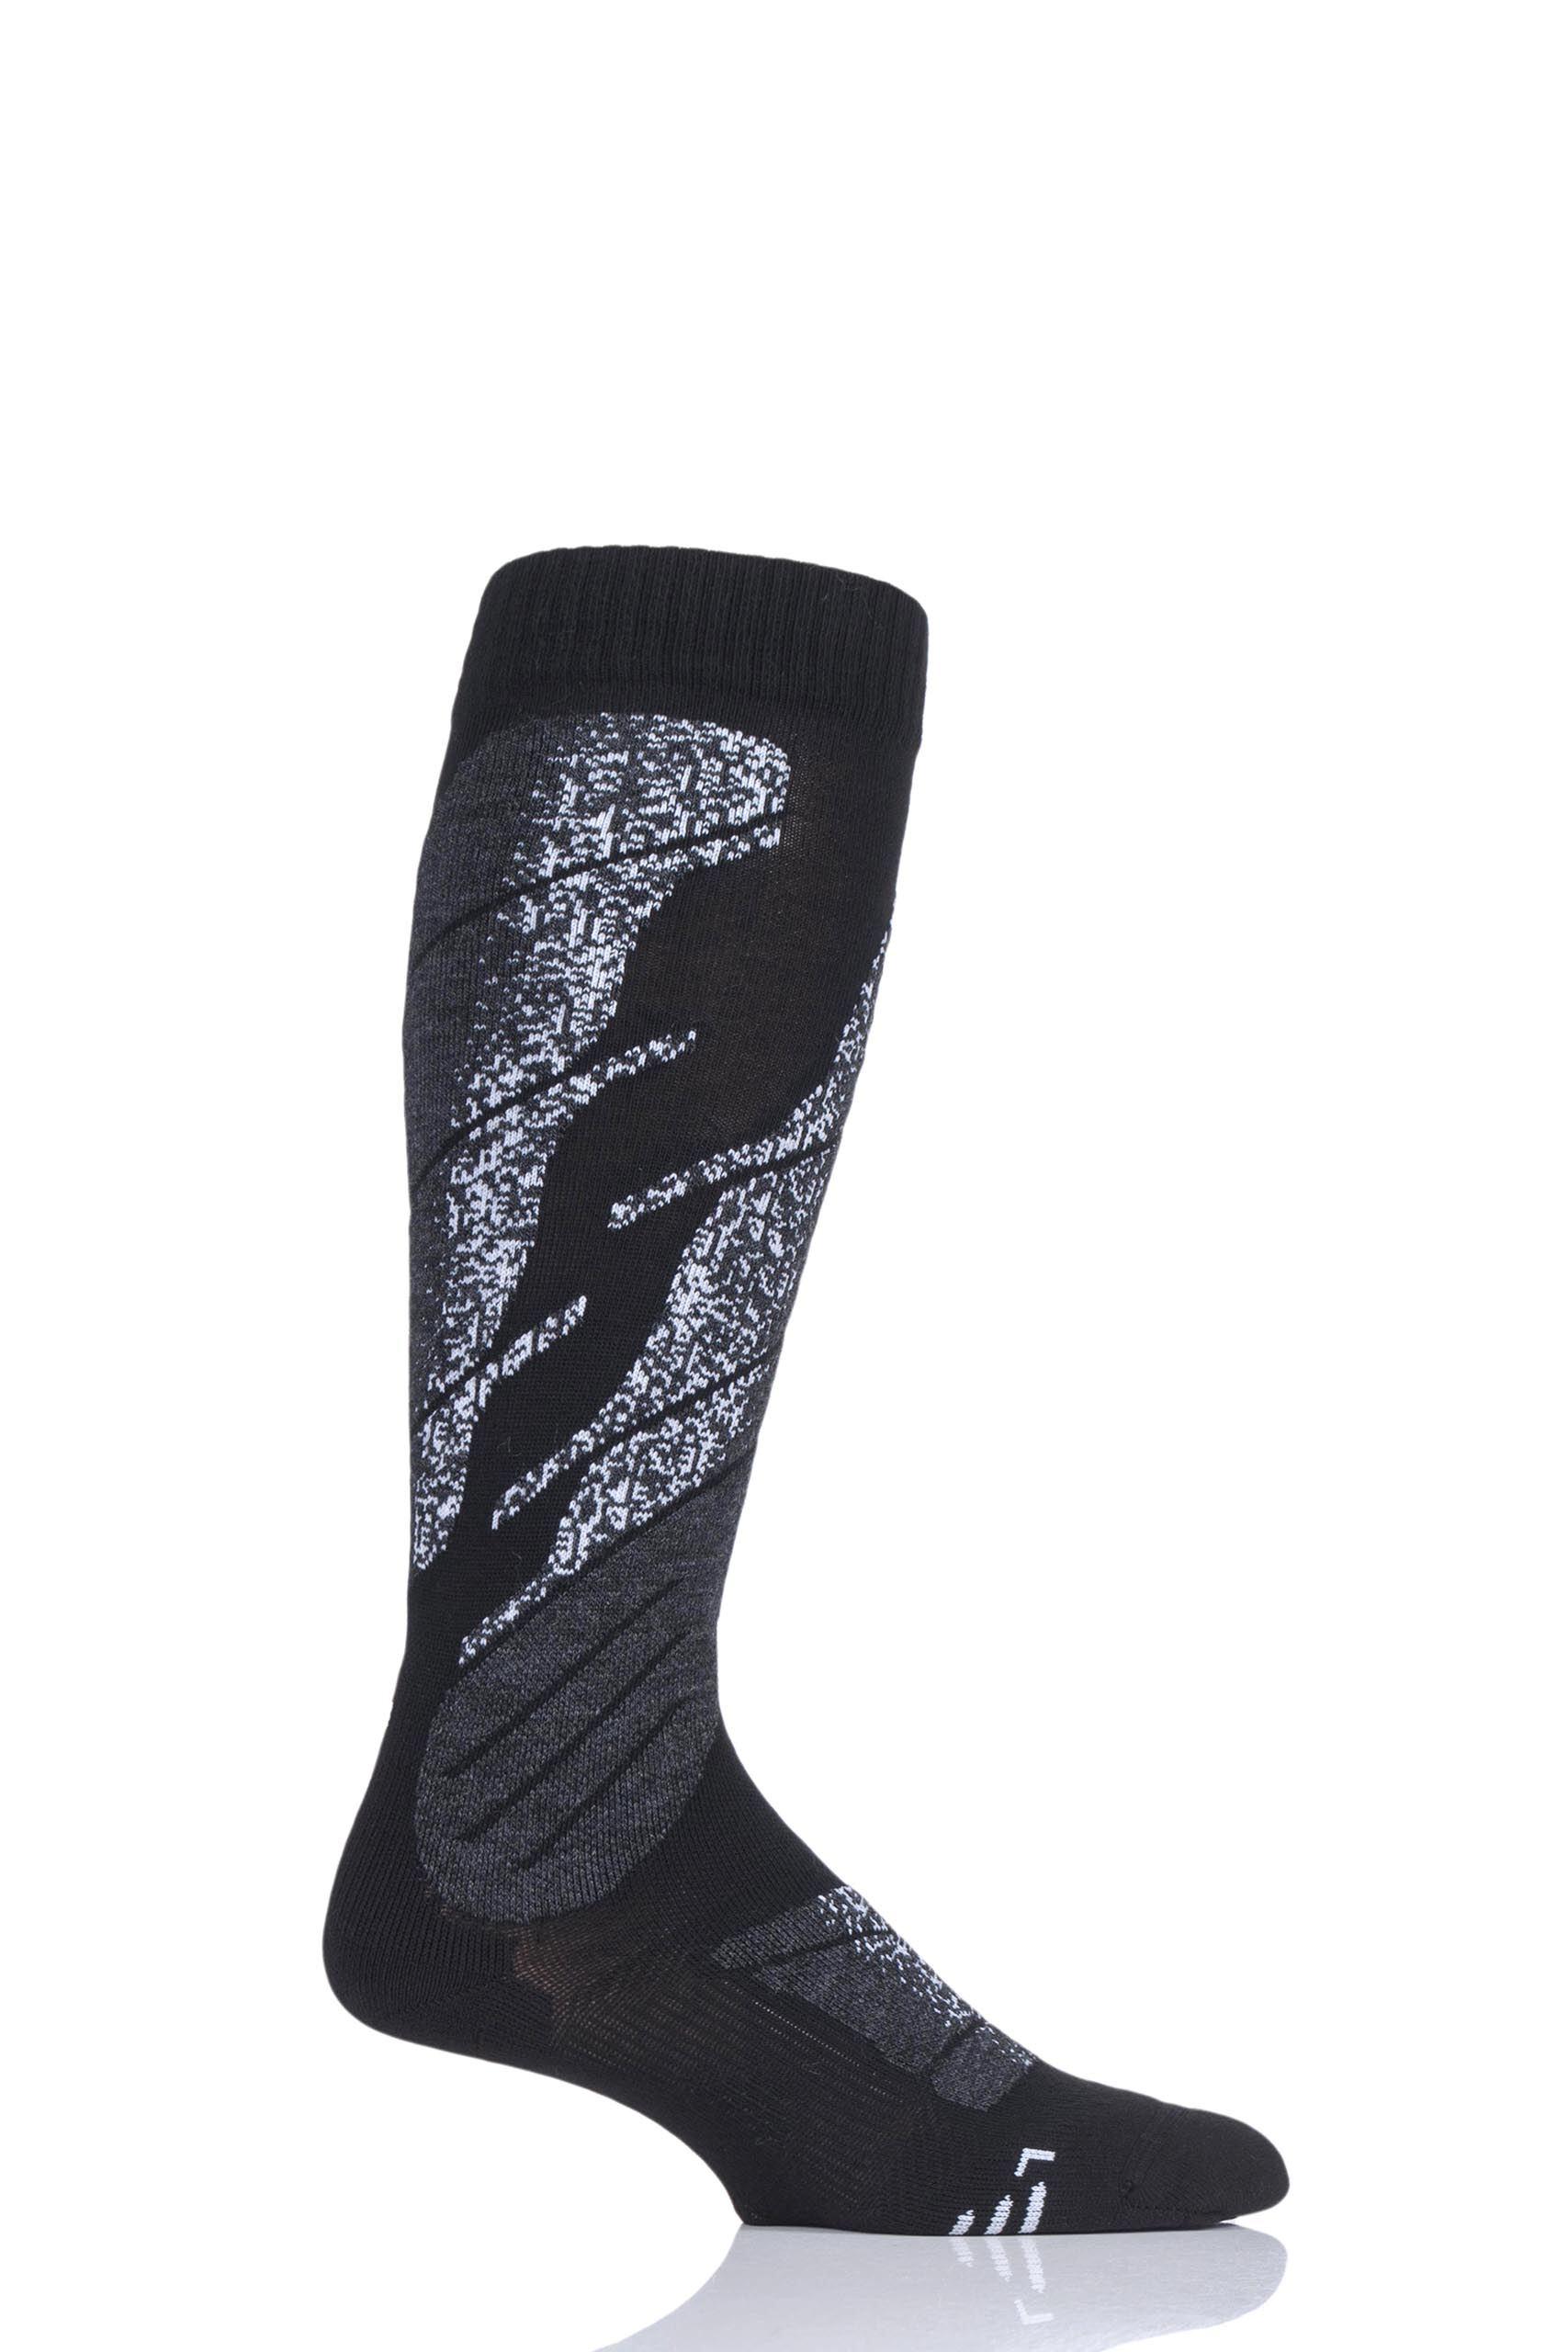 Image of 1 Pair Black All Mountain Ski Socks Men's 3-5.5 Mens - UYN